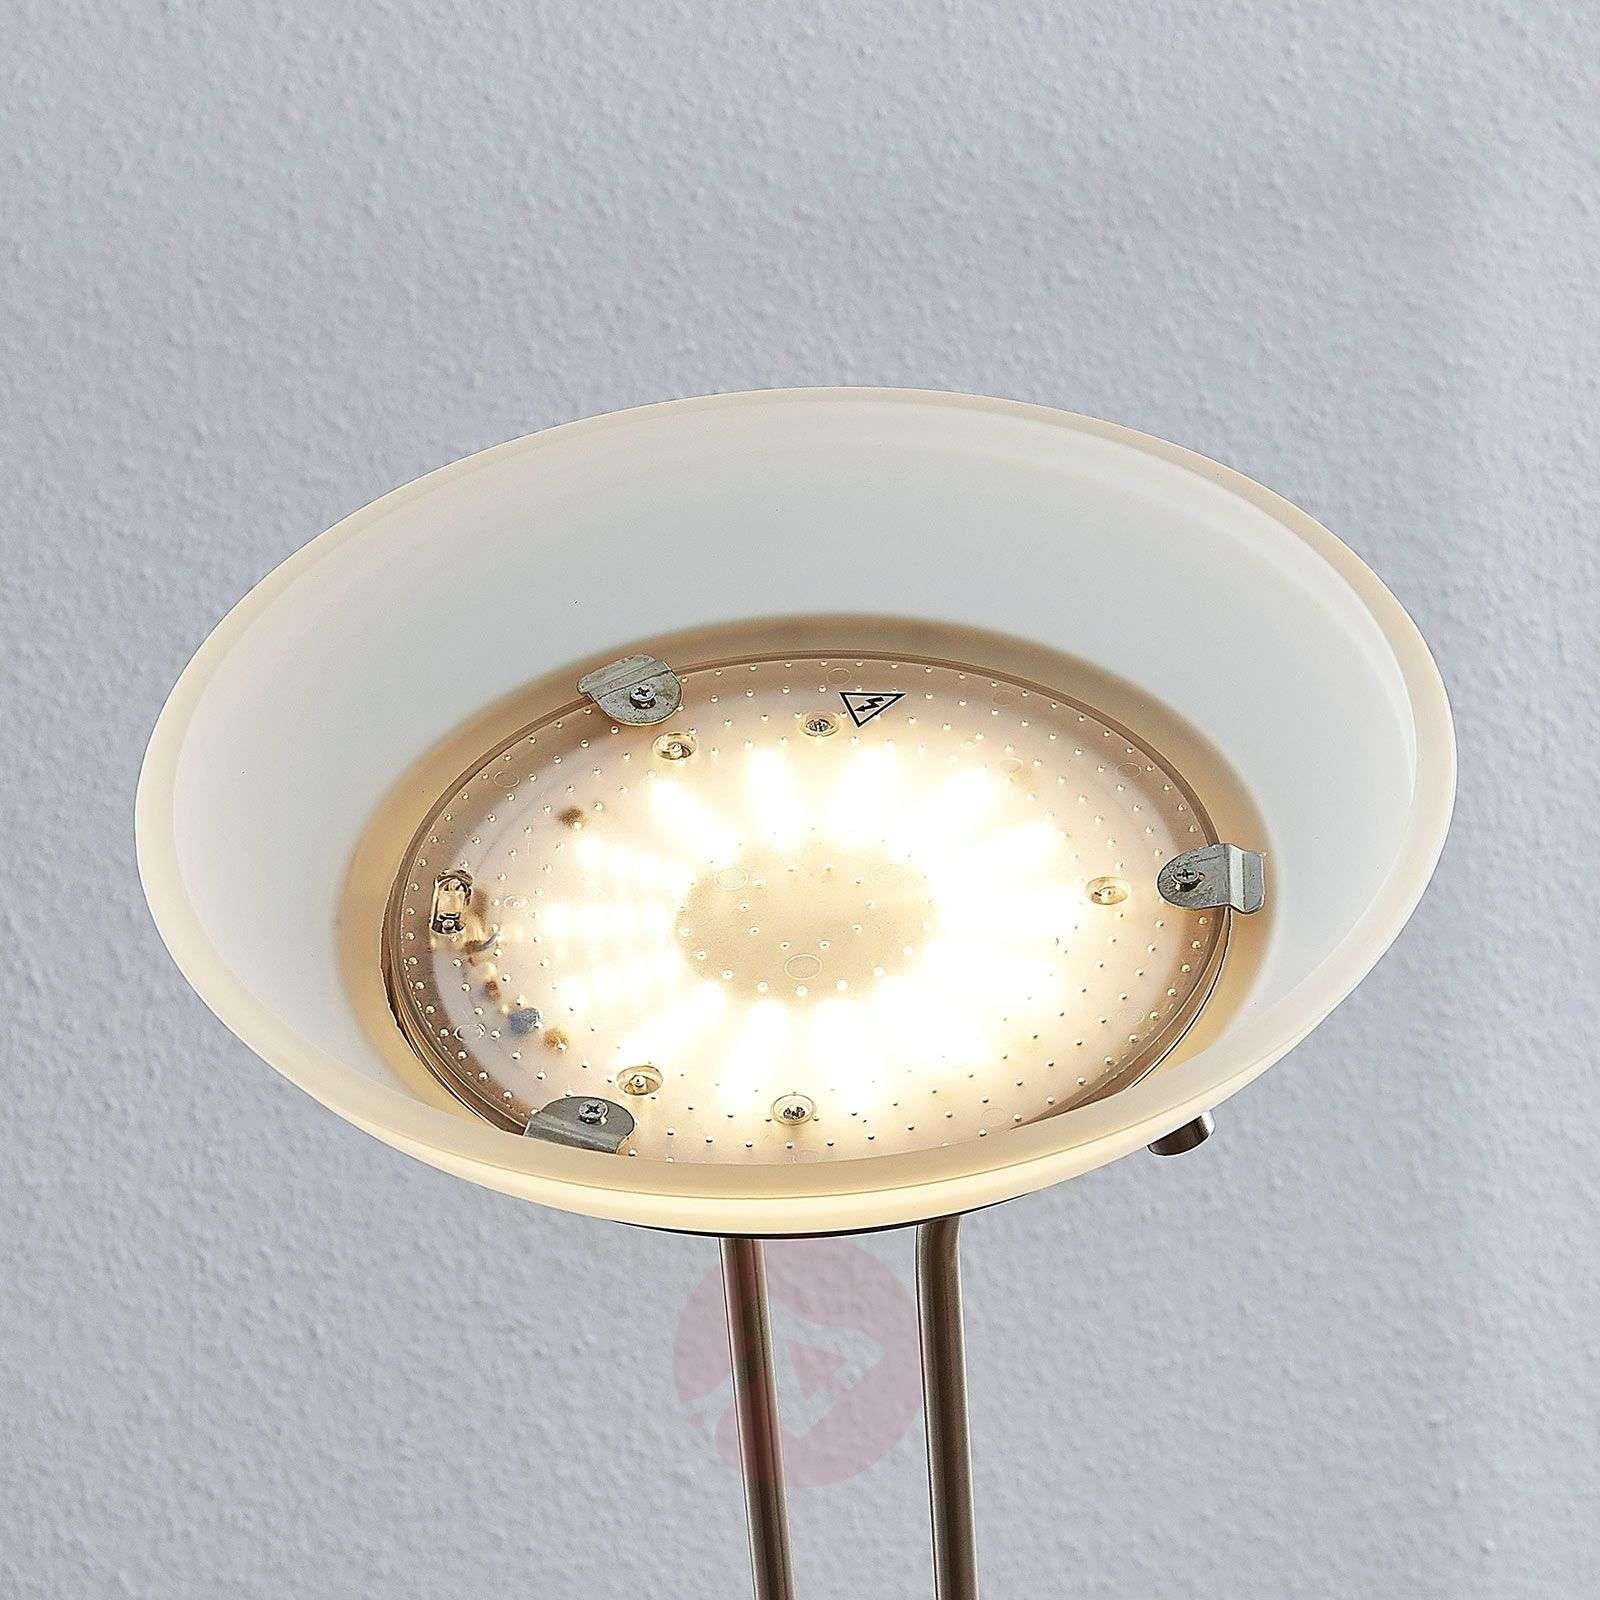 LED-ylösvalo Dimitra, lukulamppu, nikkeli-9945367-01